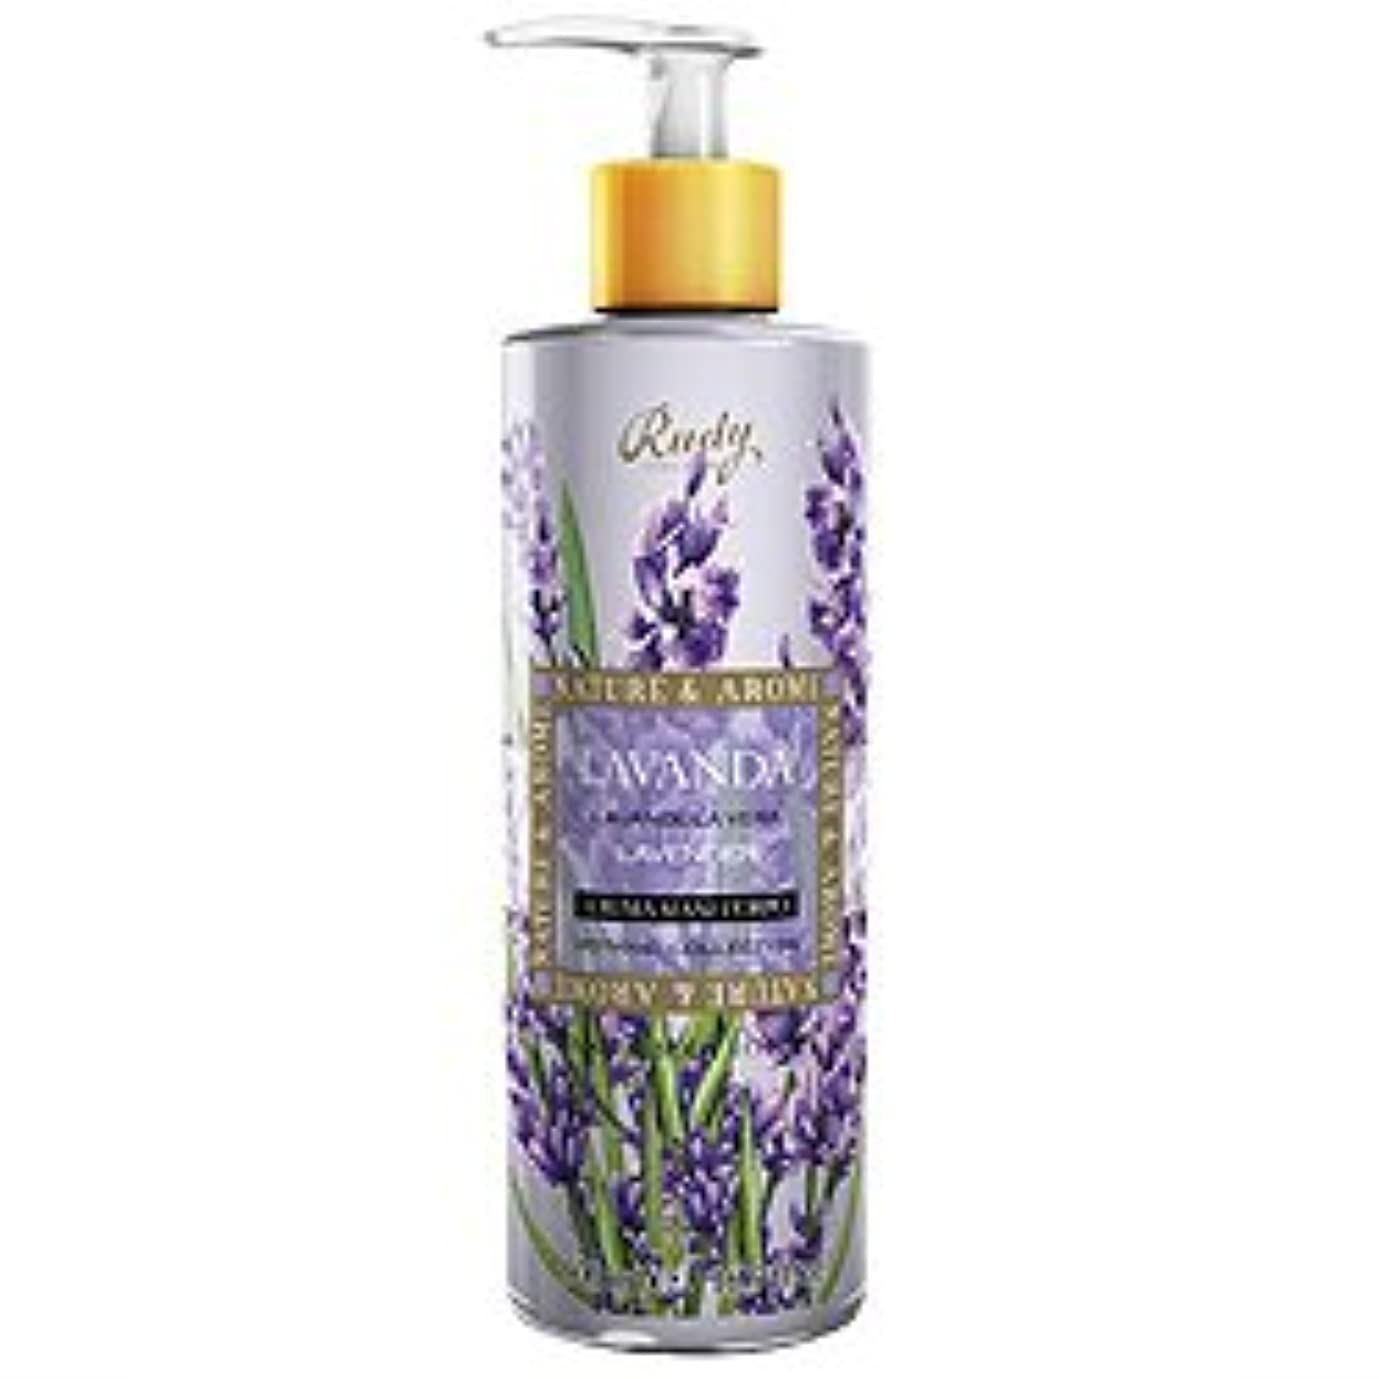 光の分私たち自身ルディ(Rudy) ナチュール&アロマ ハンド&ボディローション ラベンダー 500ml 【並行輸入品】 RUDY Nature&Arome SERIES Hand&Body lotion Lavender